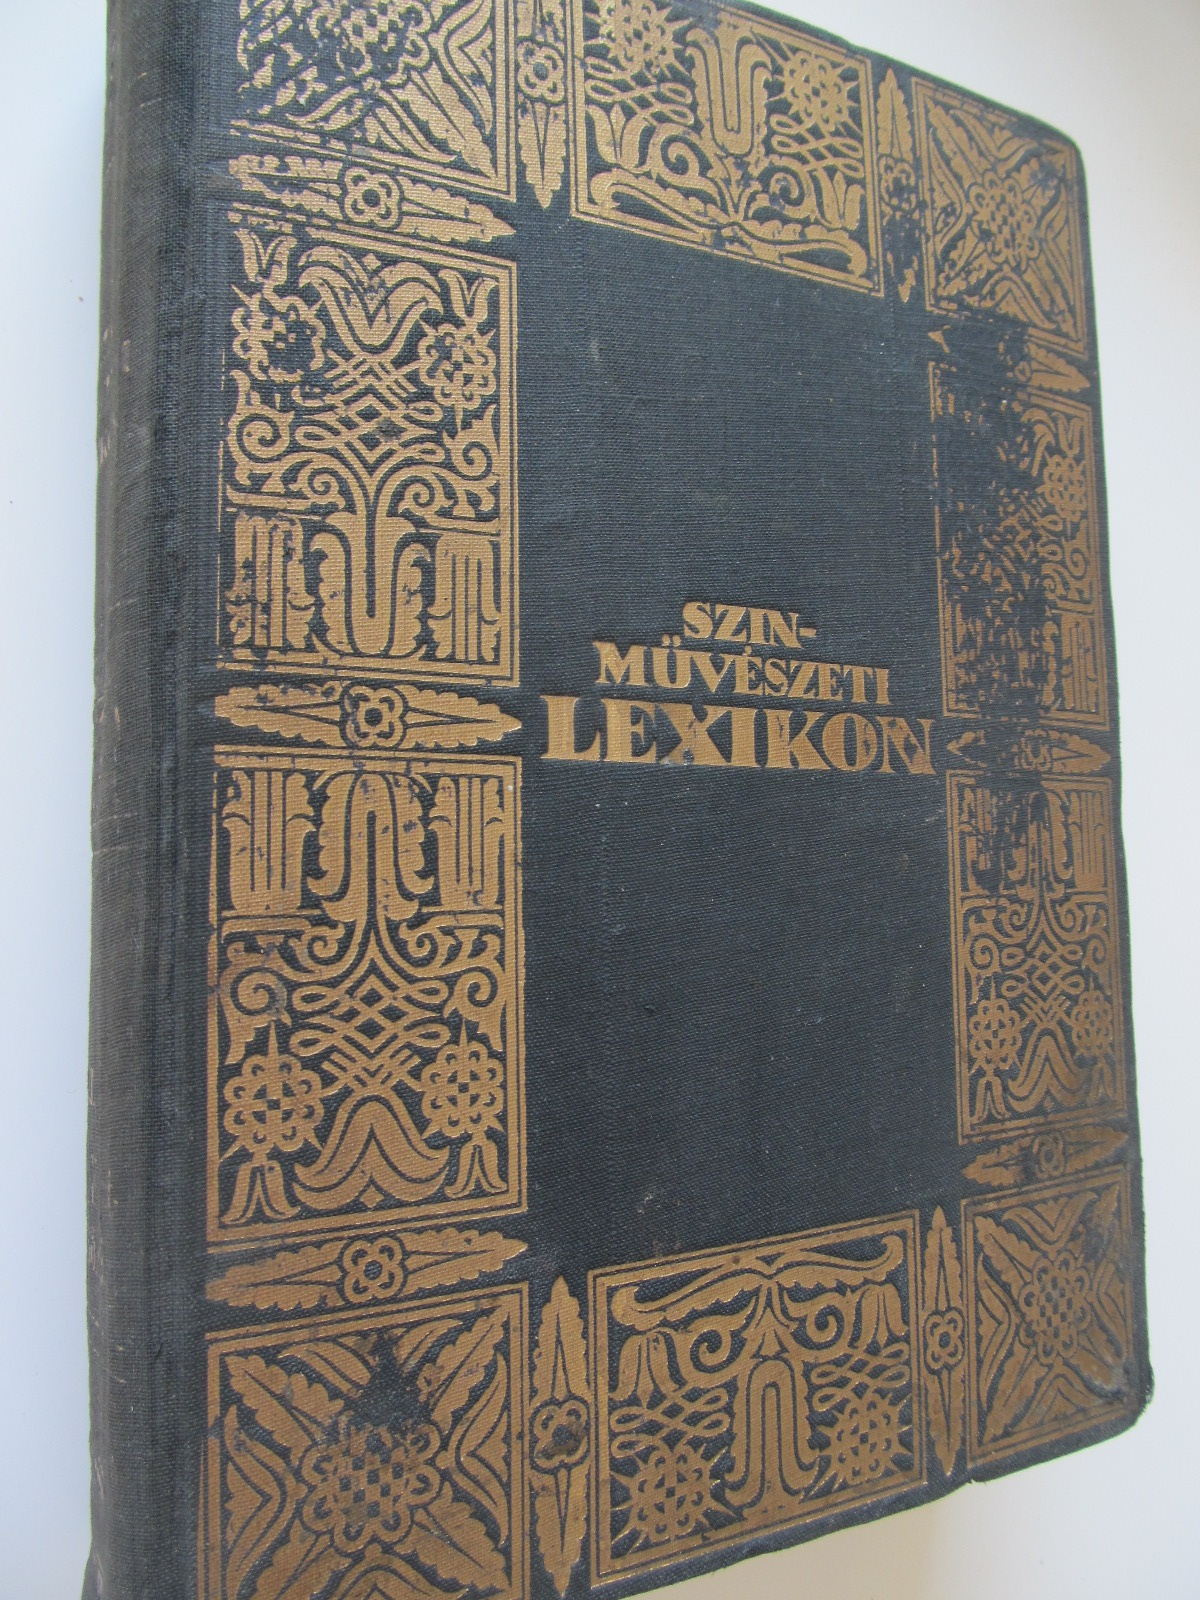 Szinmuveszeti Lexikon (vol. III) K - P - Schopflin Aladar | Detalii carte